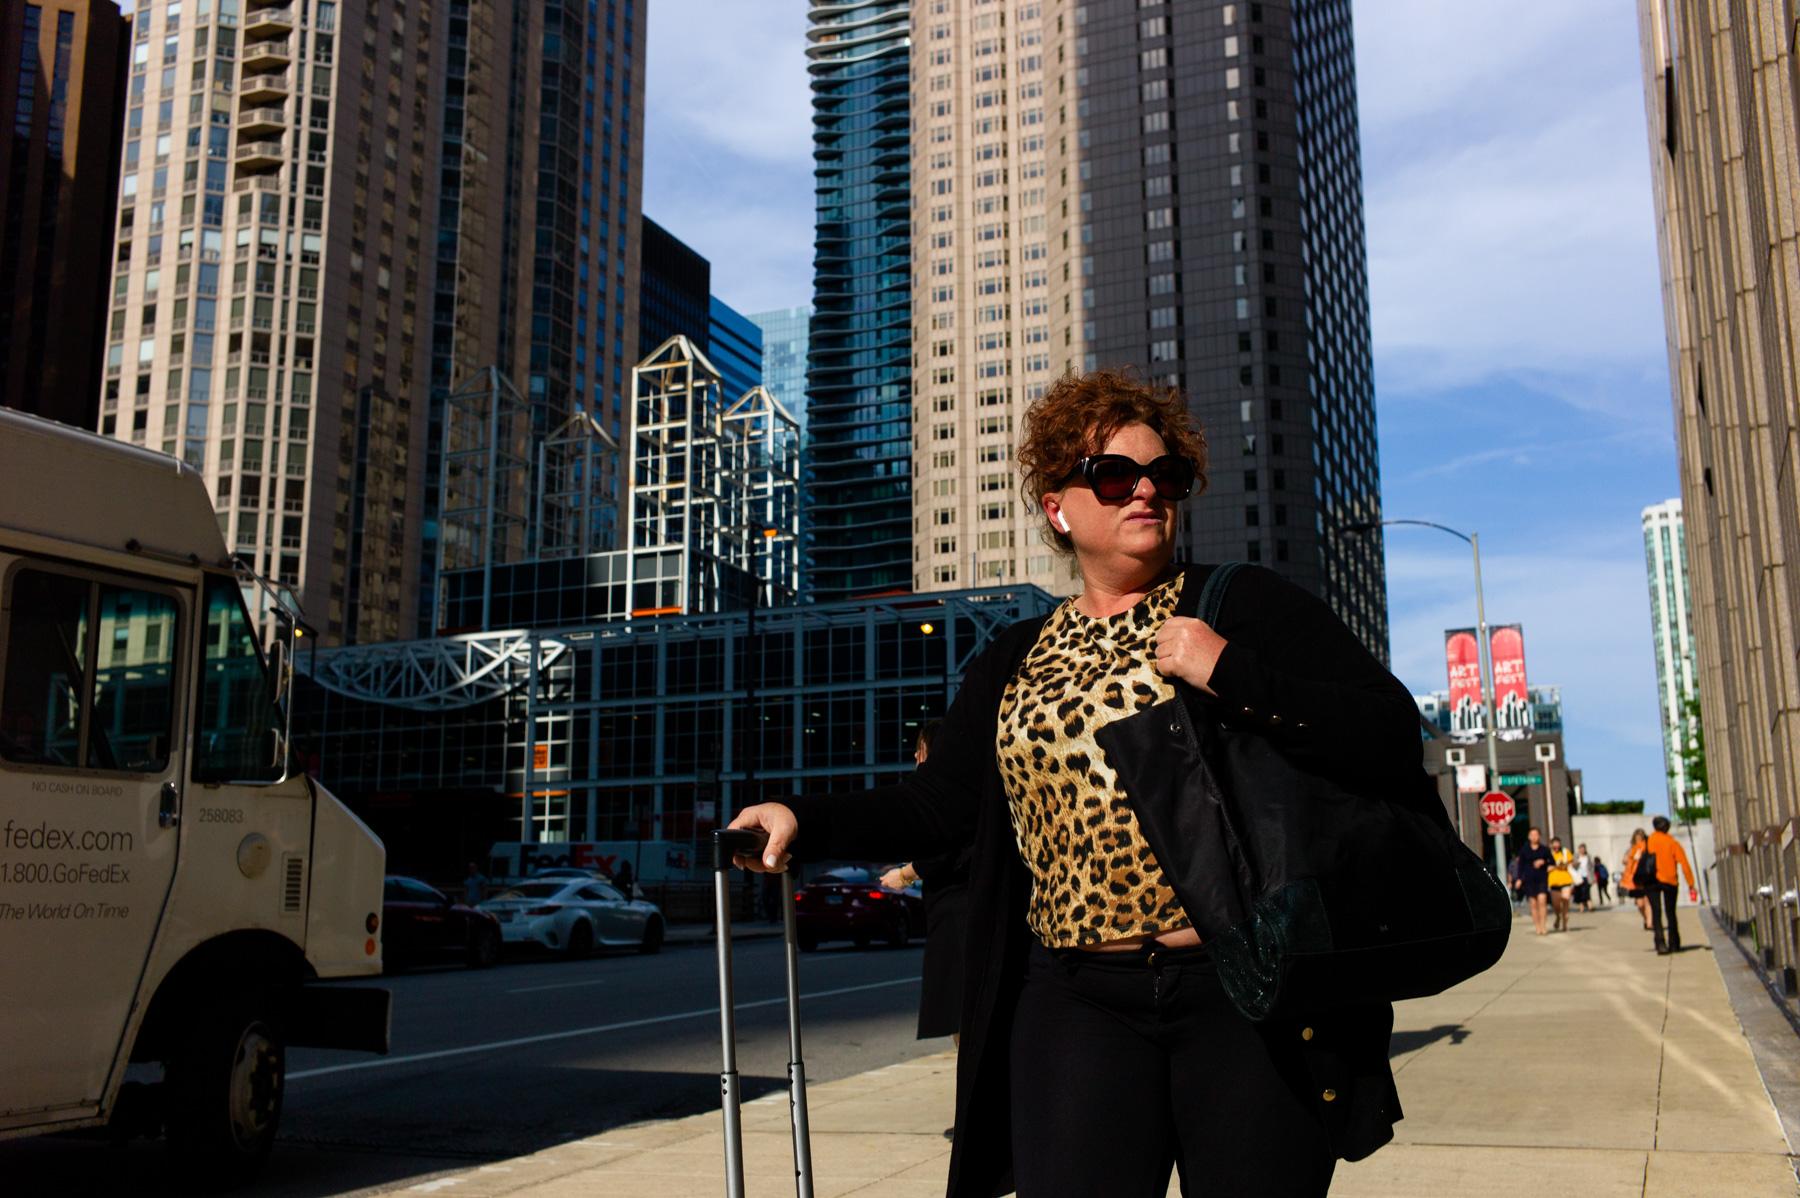 Cheetah girls of Chicago